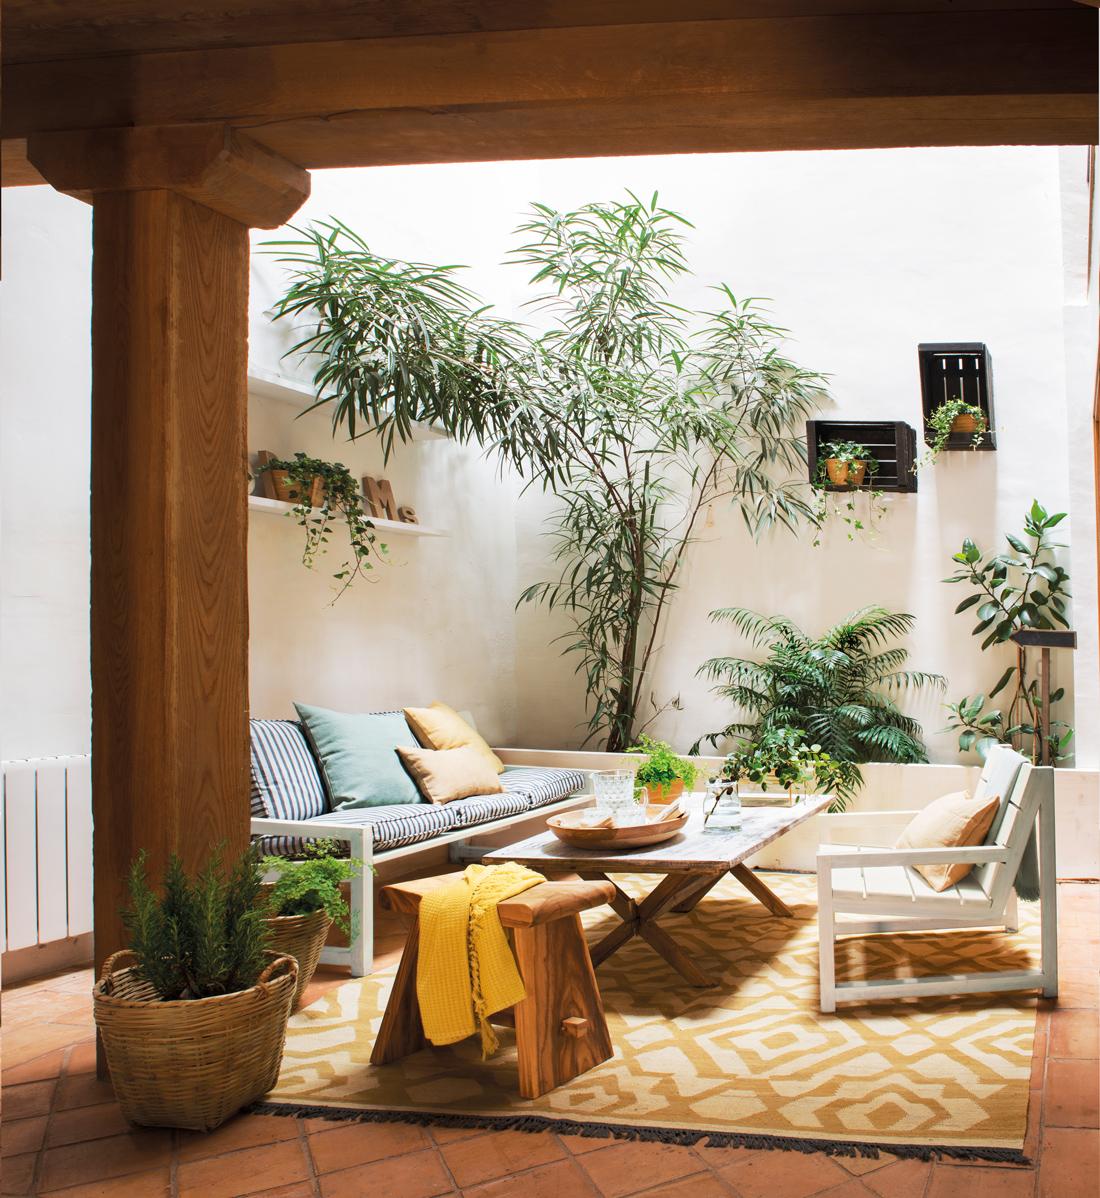 jardin interior expectacular en este dise ointerior de vivienda Un patio en una casa de pueblo